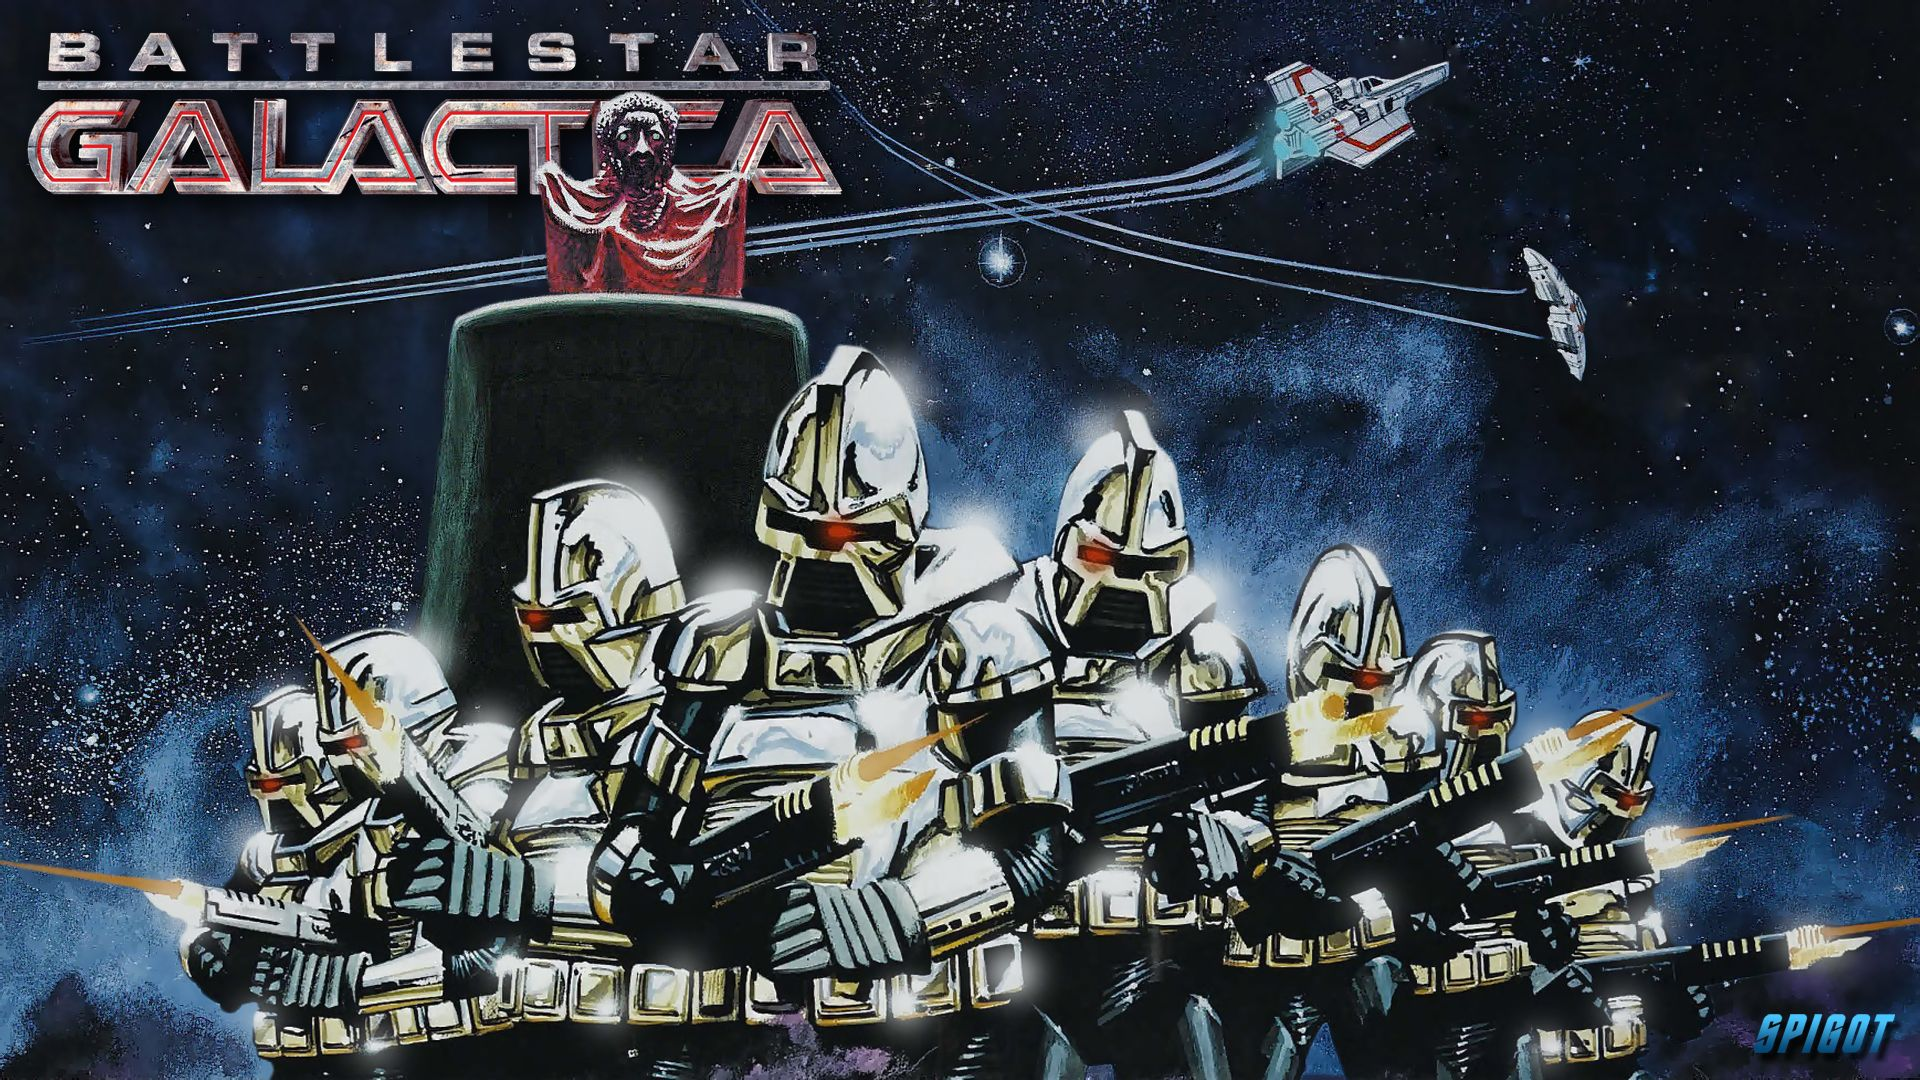 Classic Battlestar Galactica Wallpaper